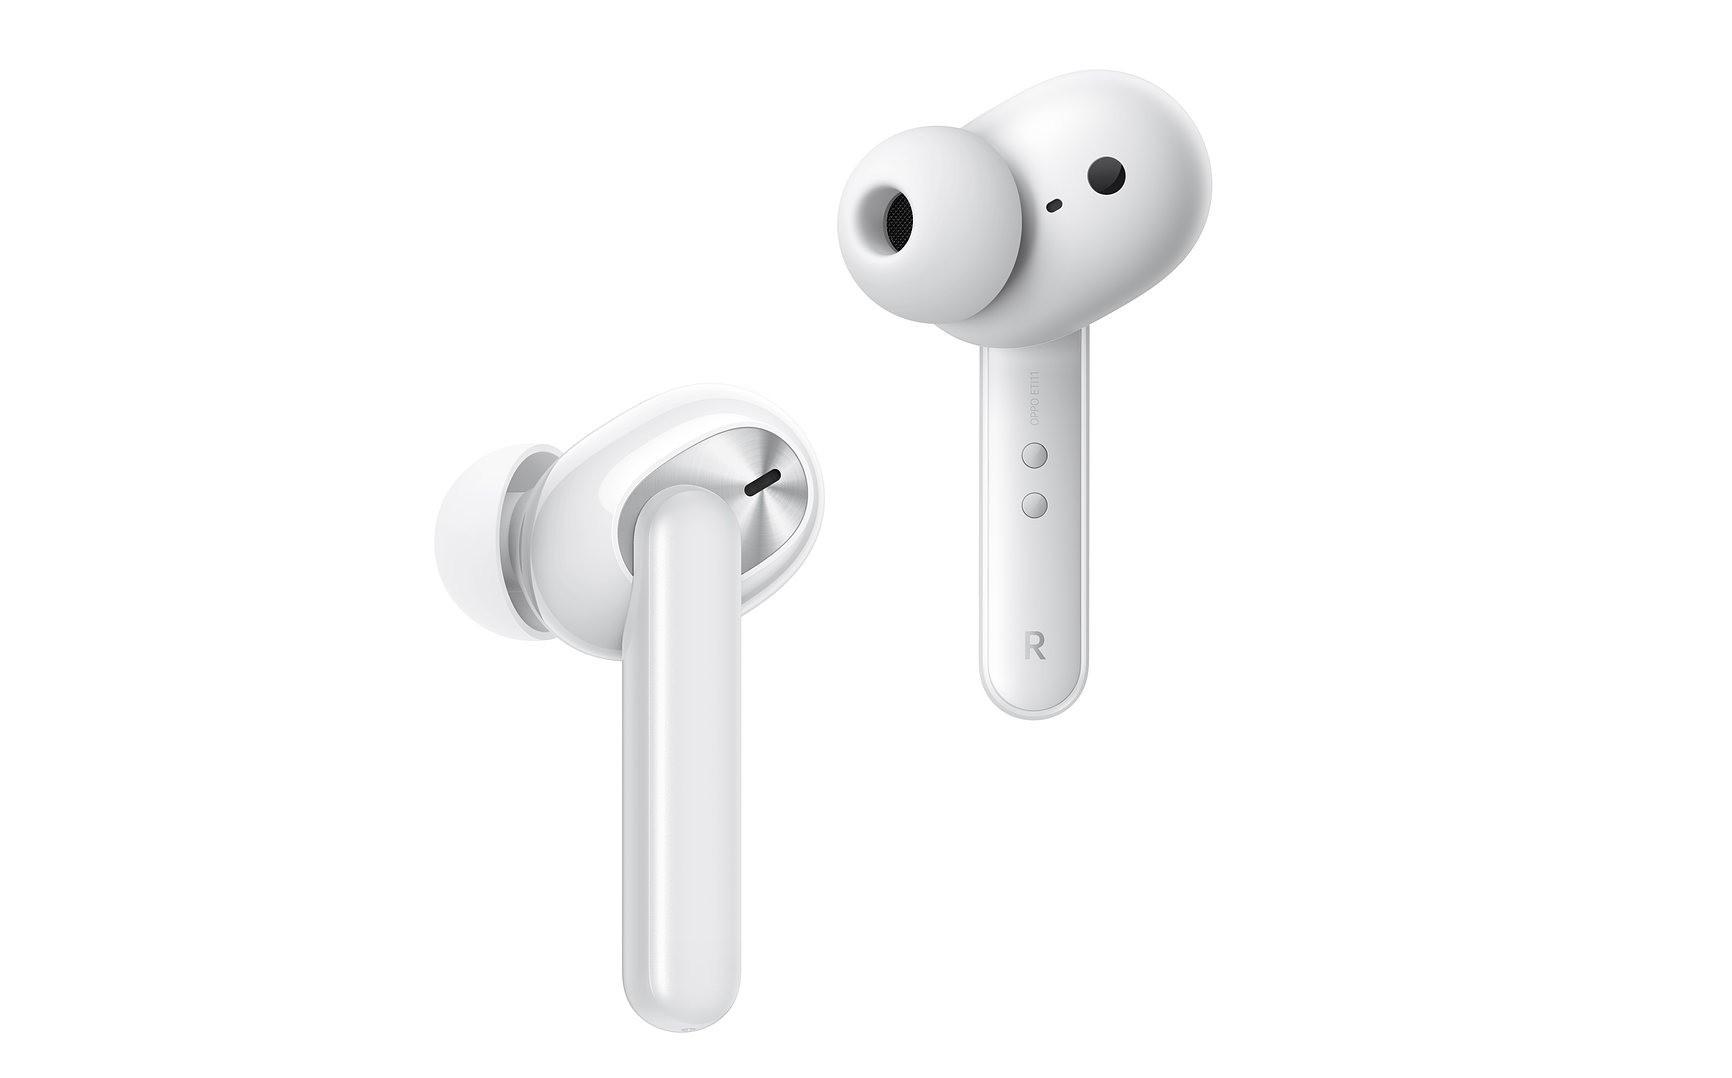 Oppo ma nowe słuchawki TWS i daje je za złotówkę do smartfona Reno 3 19